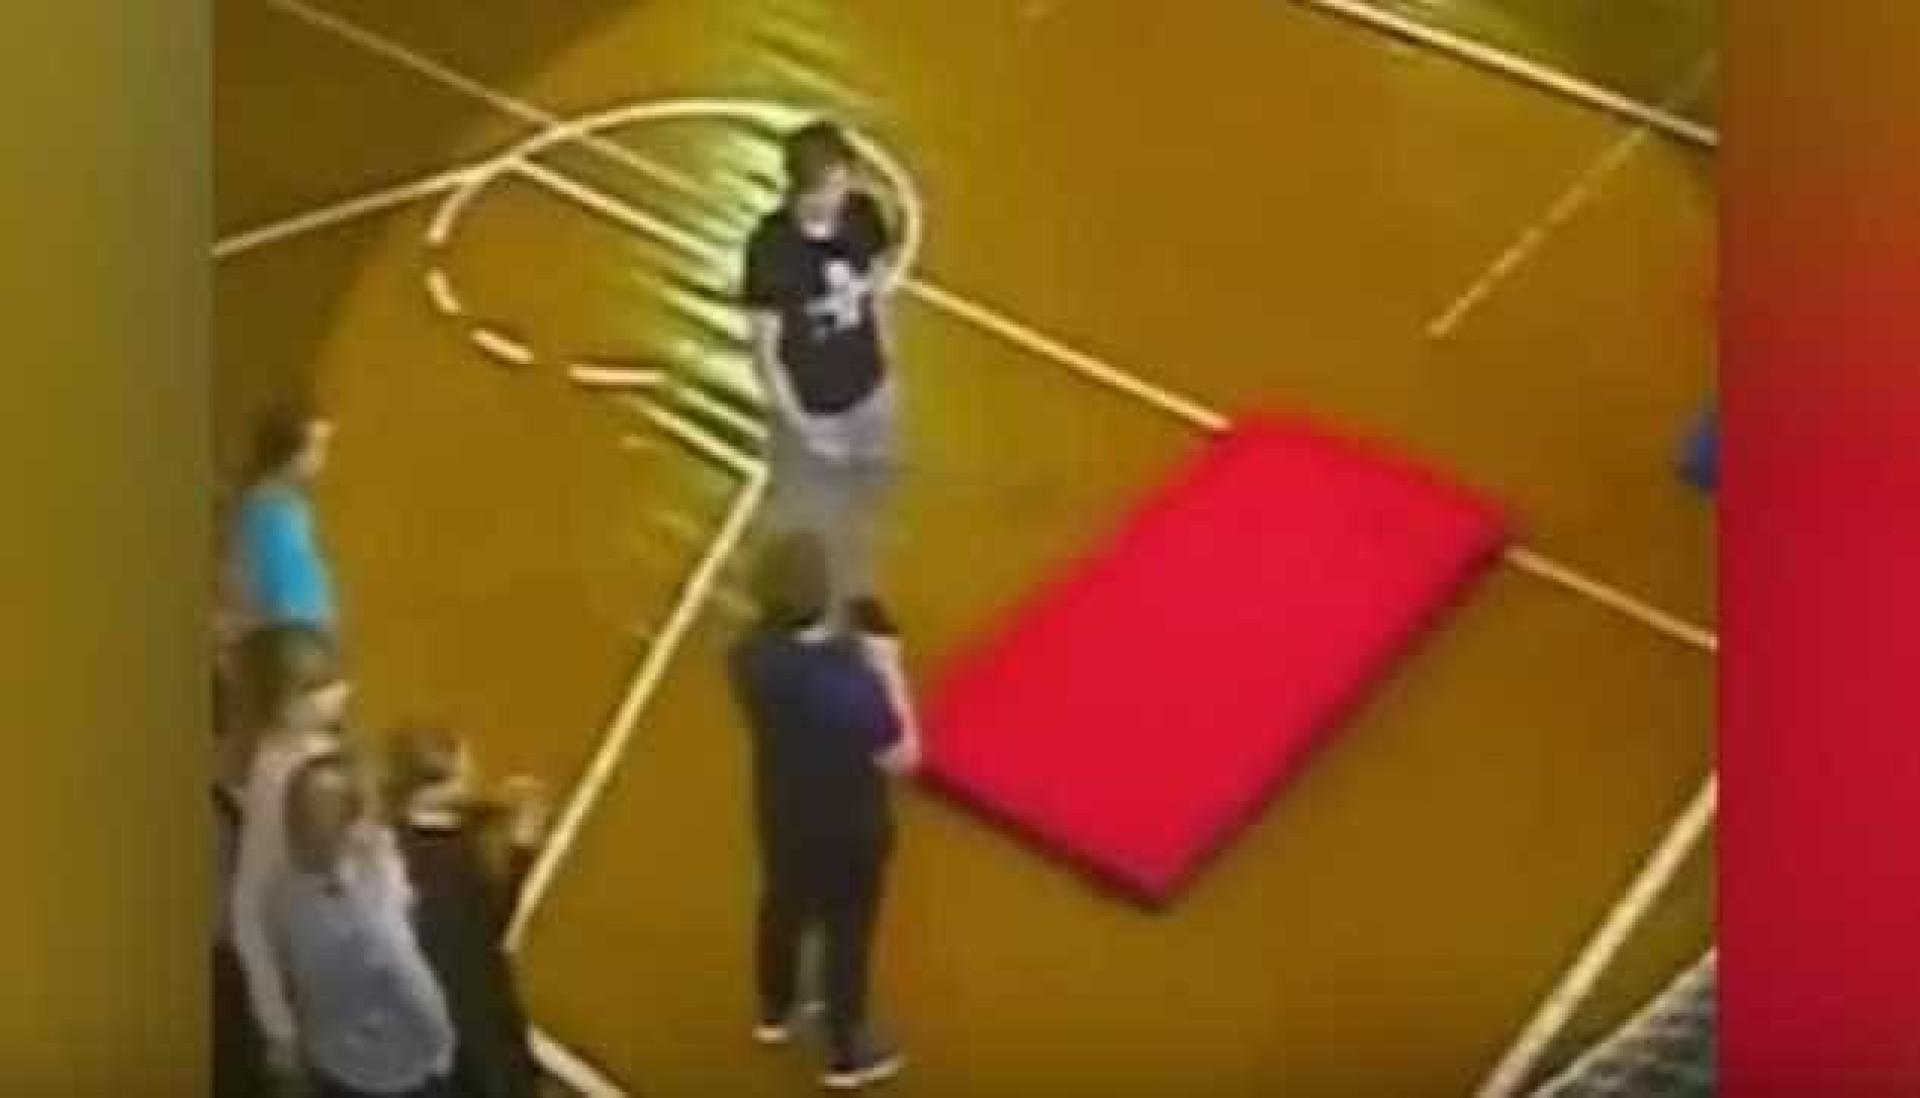 Aluno fratura coluna durante cambalhota em aula de ginástica